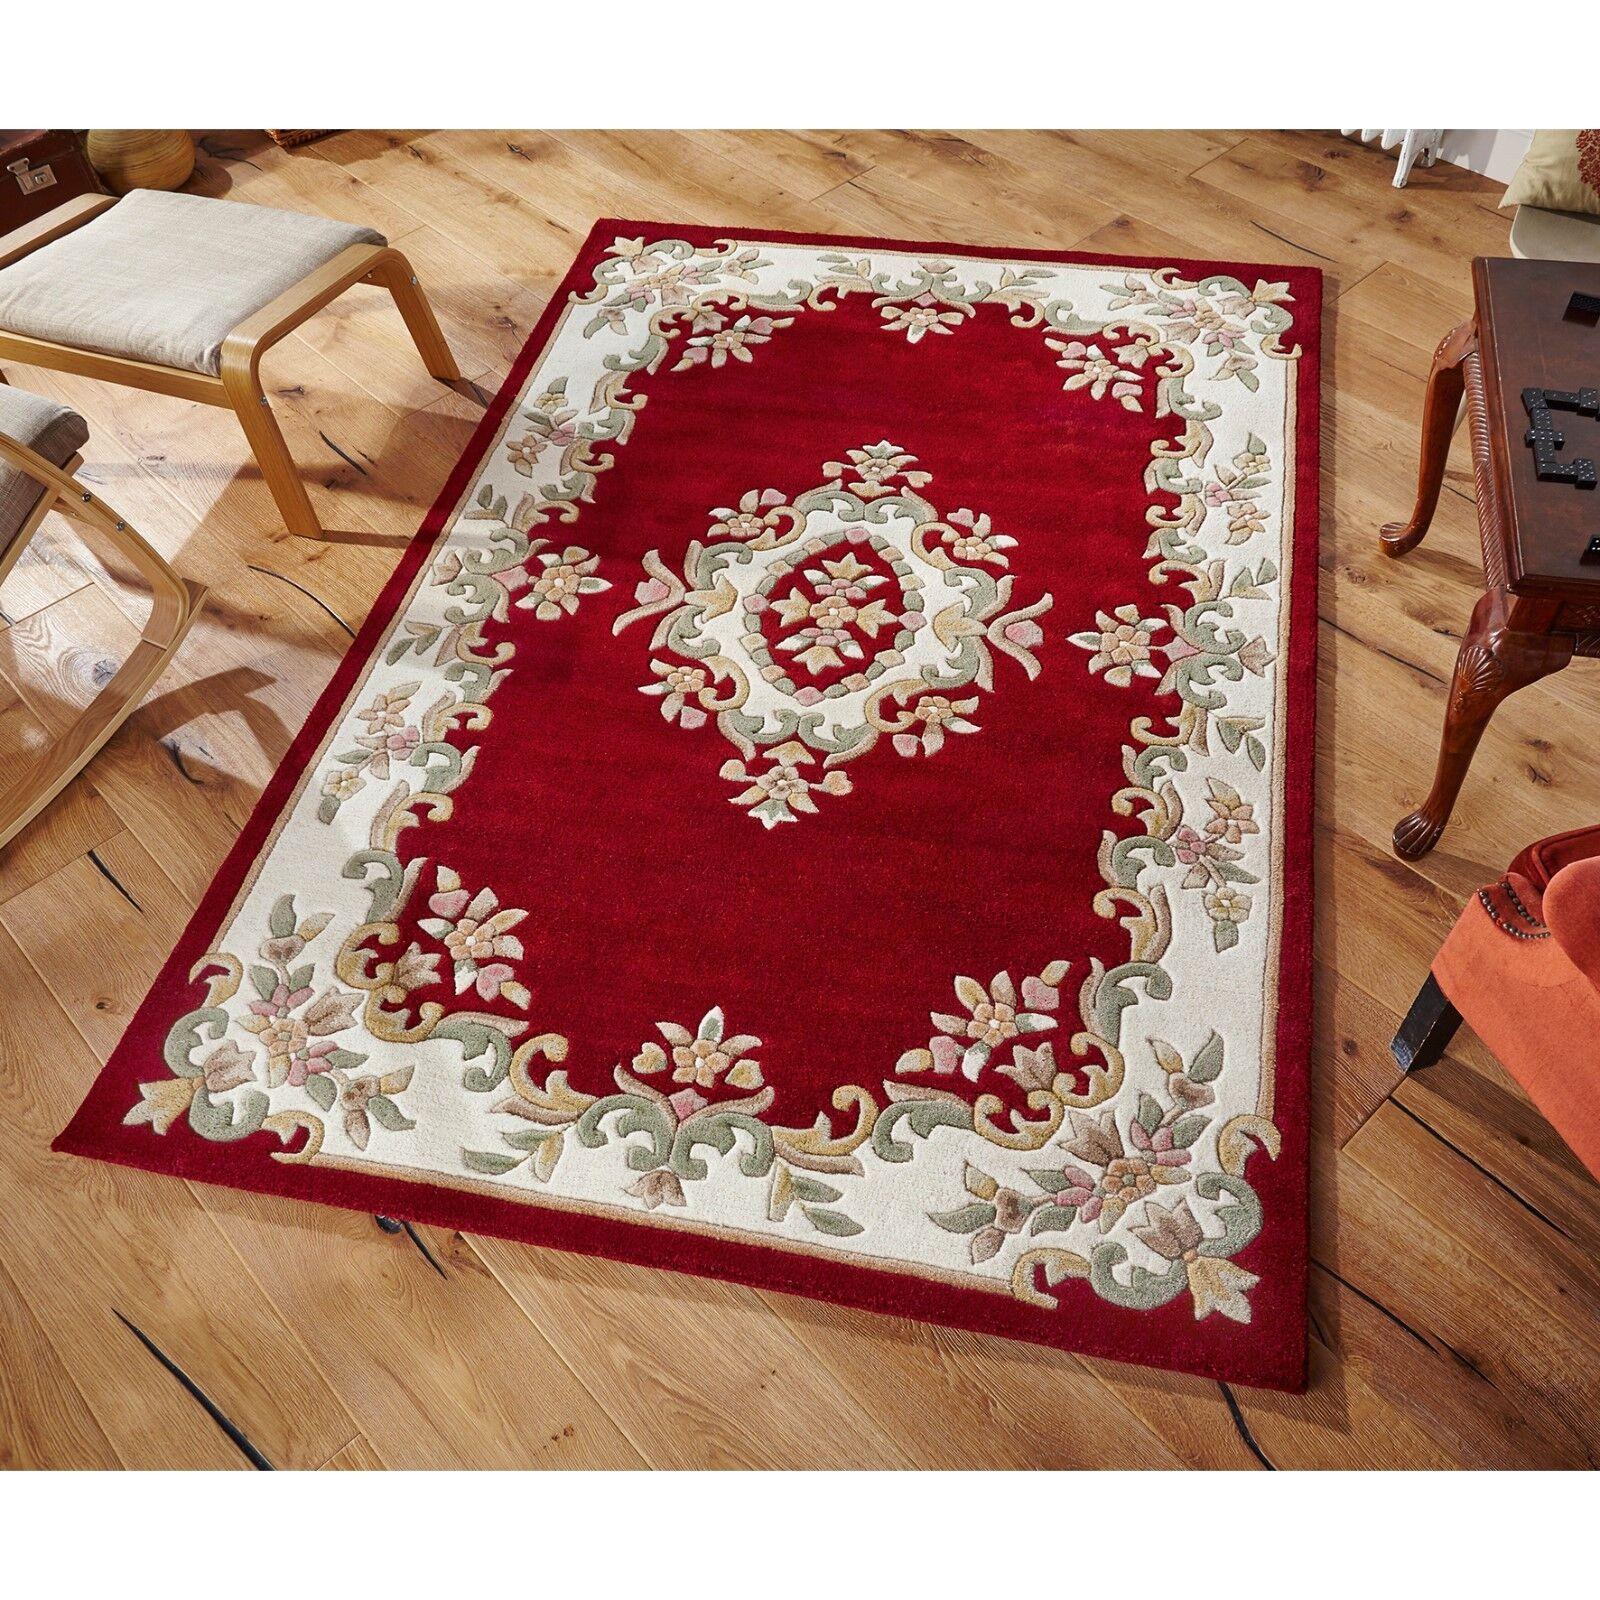 Royal aubusson tapis en laine rouge rouge rouge dans différentes tailles demi lune et cercle | Service Supremacy  3d4a28